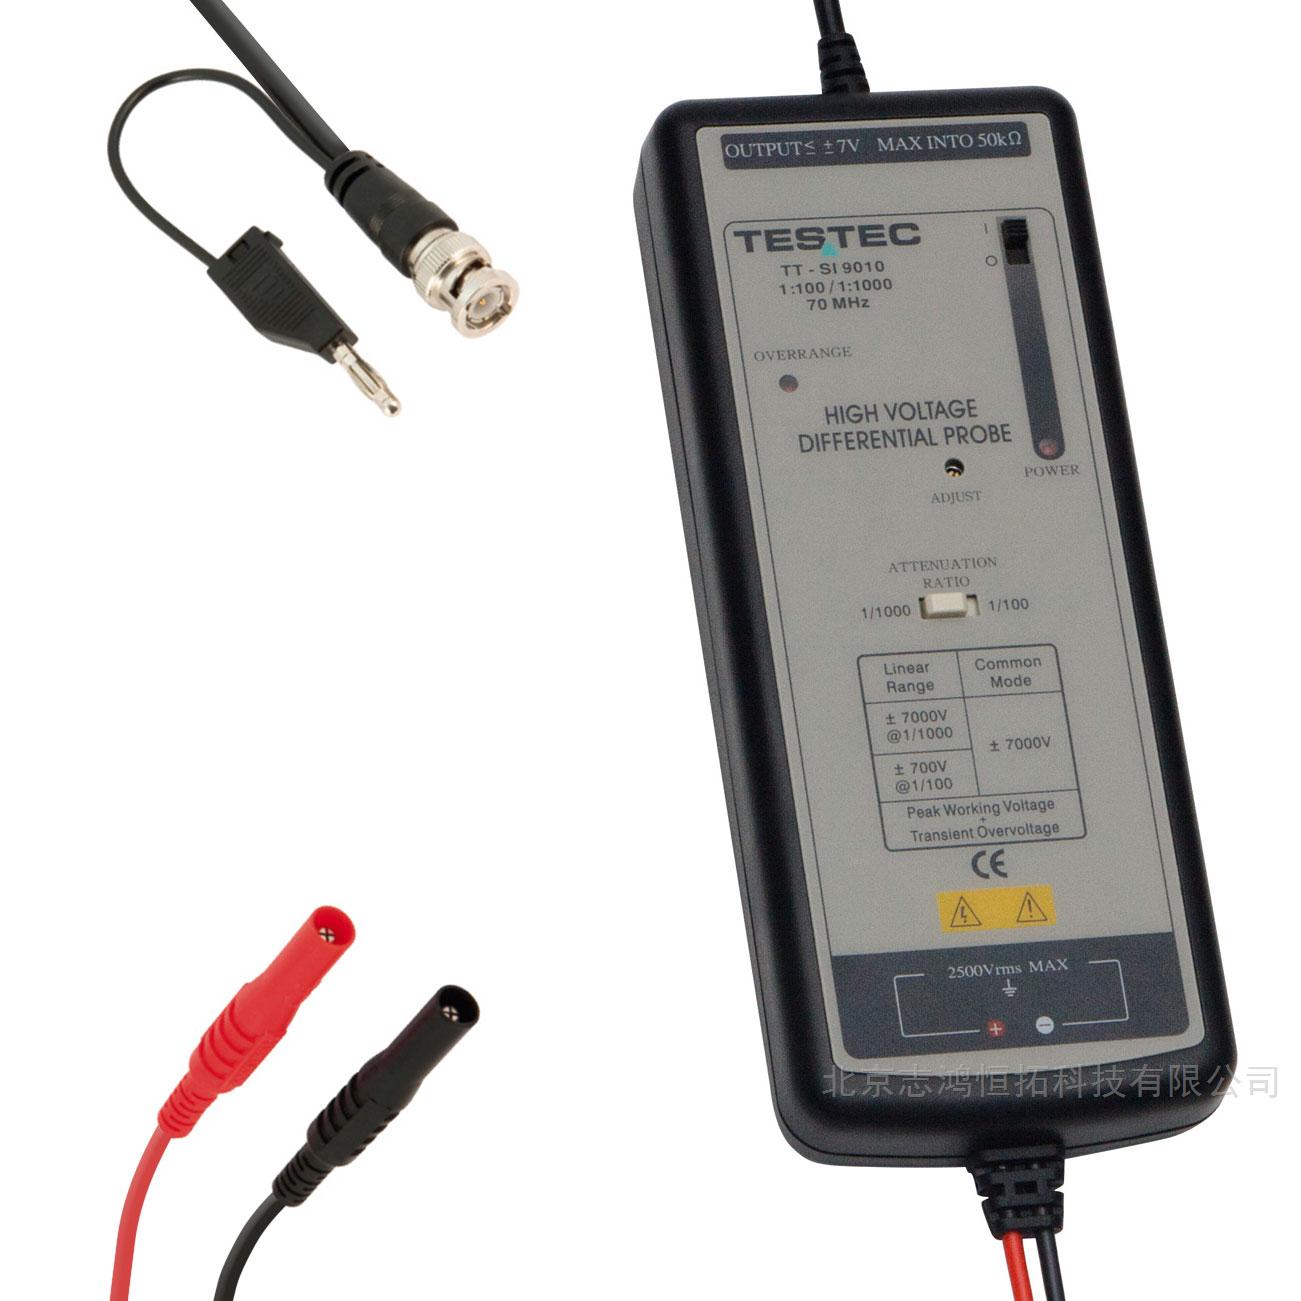 Testec 电源